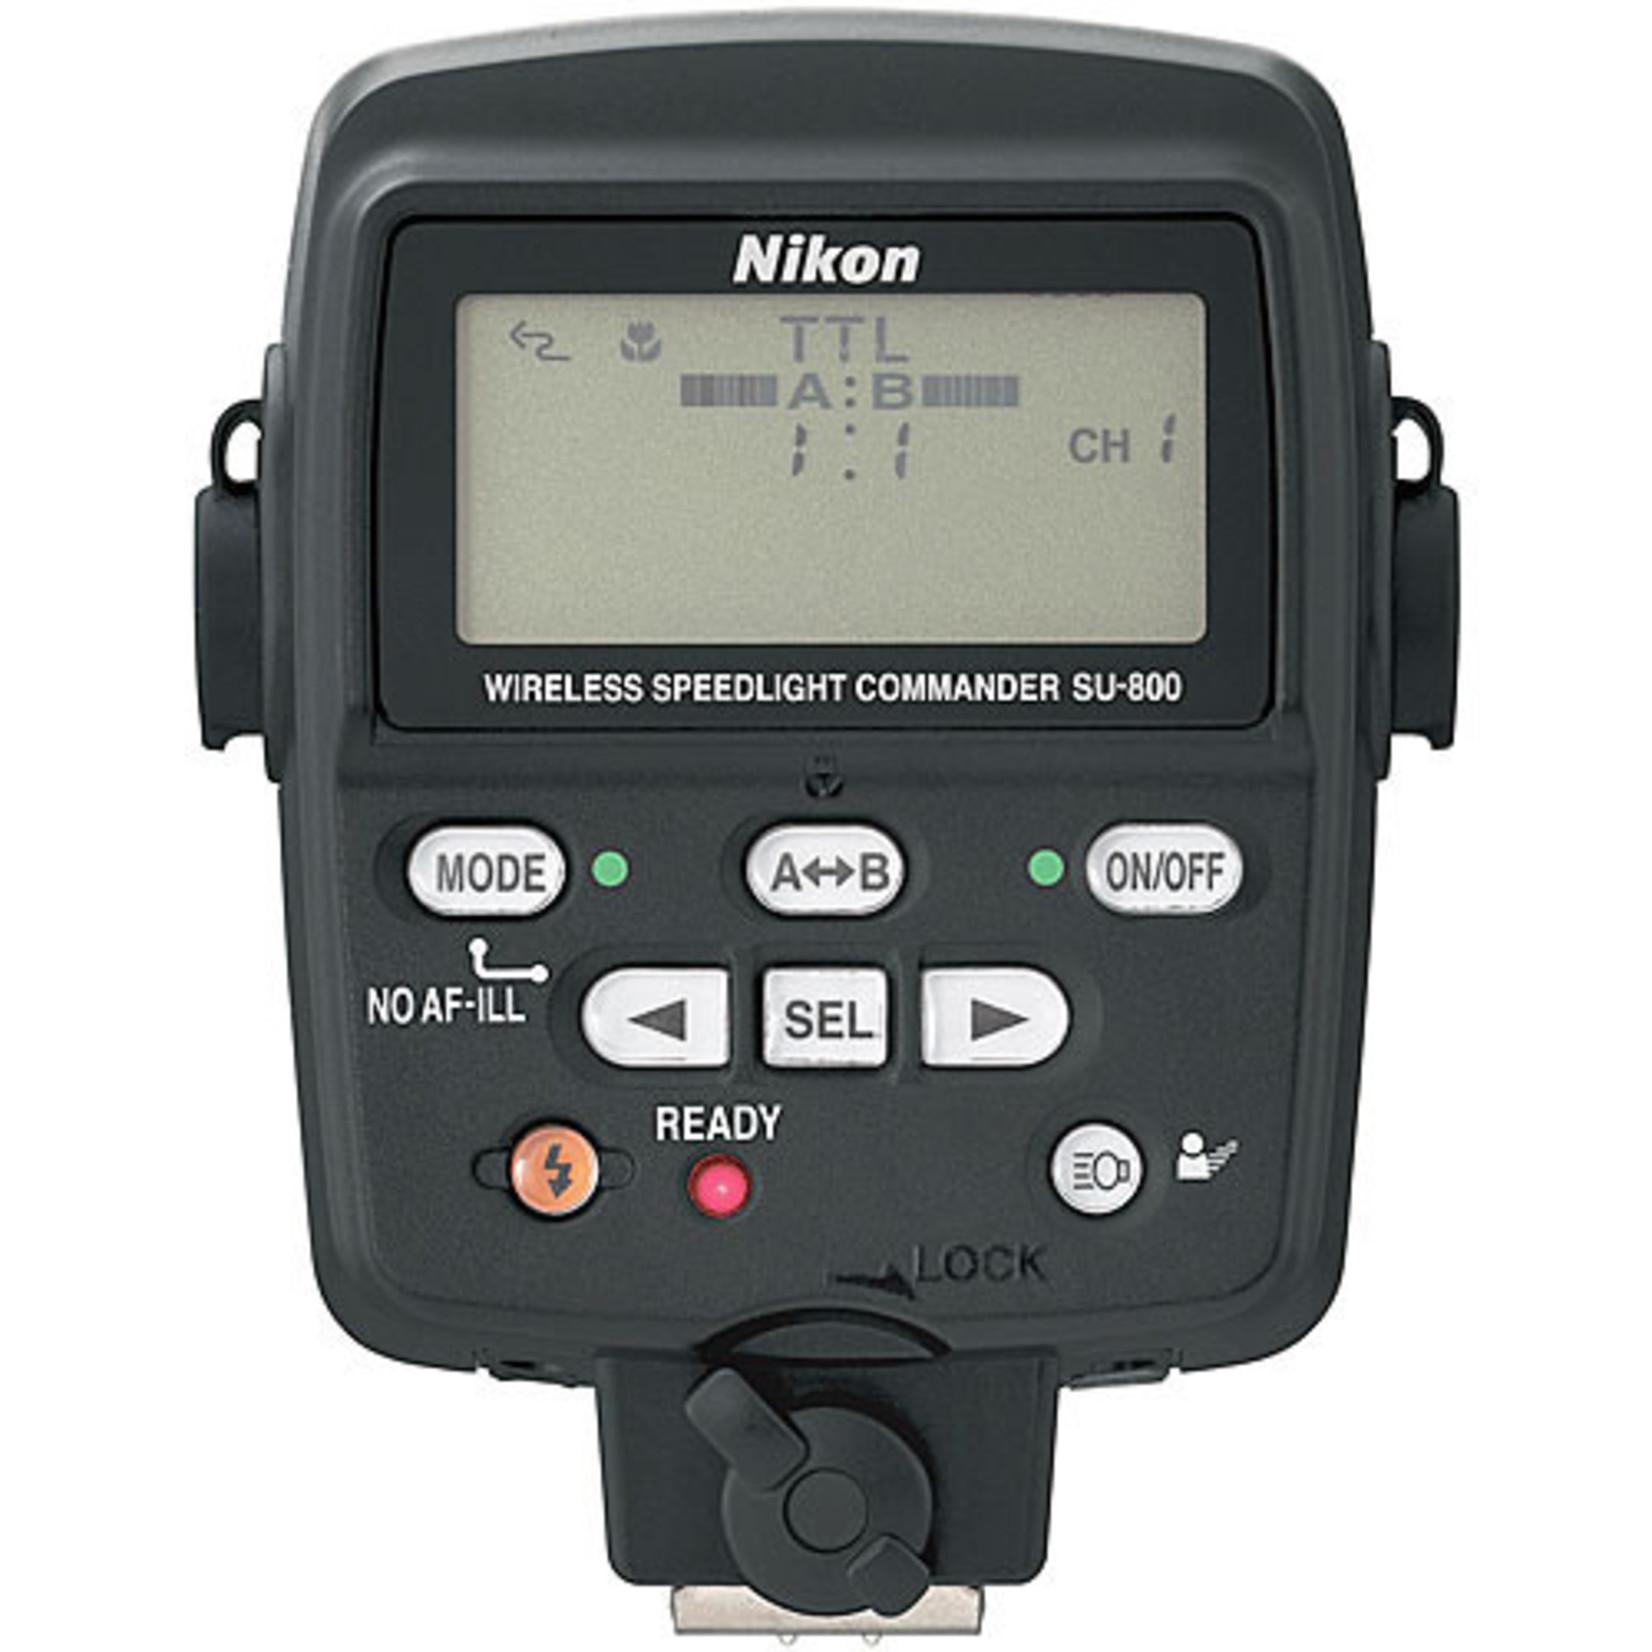 Nikon Nikon SU-800 Wireless Speedlight Commander Unit